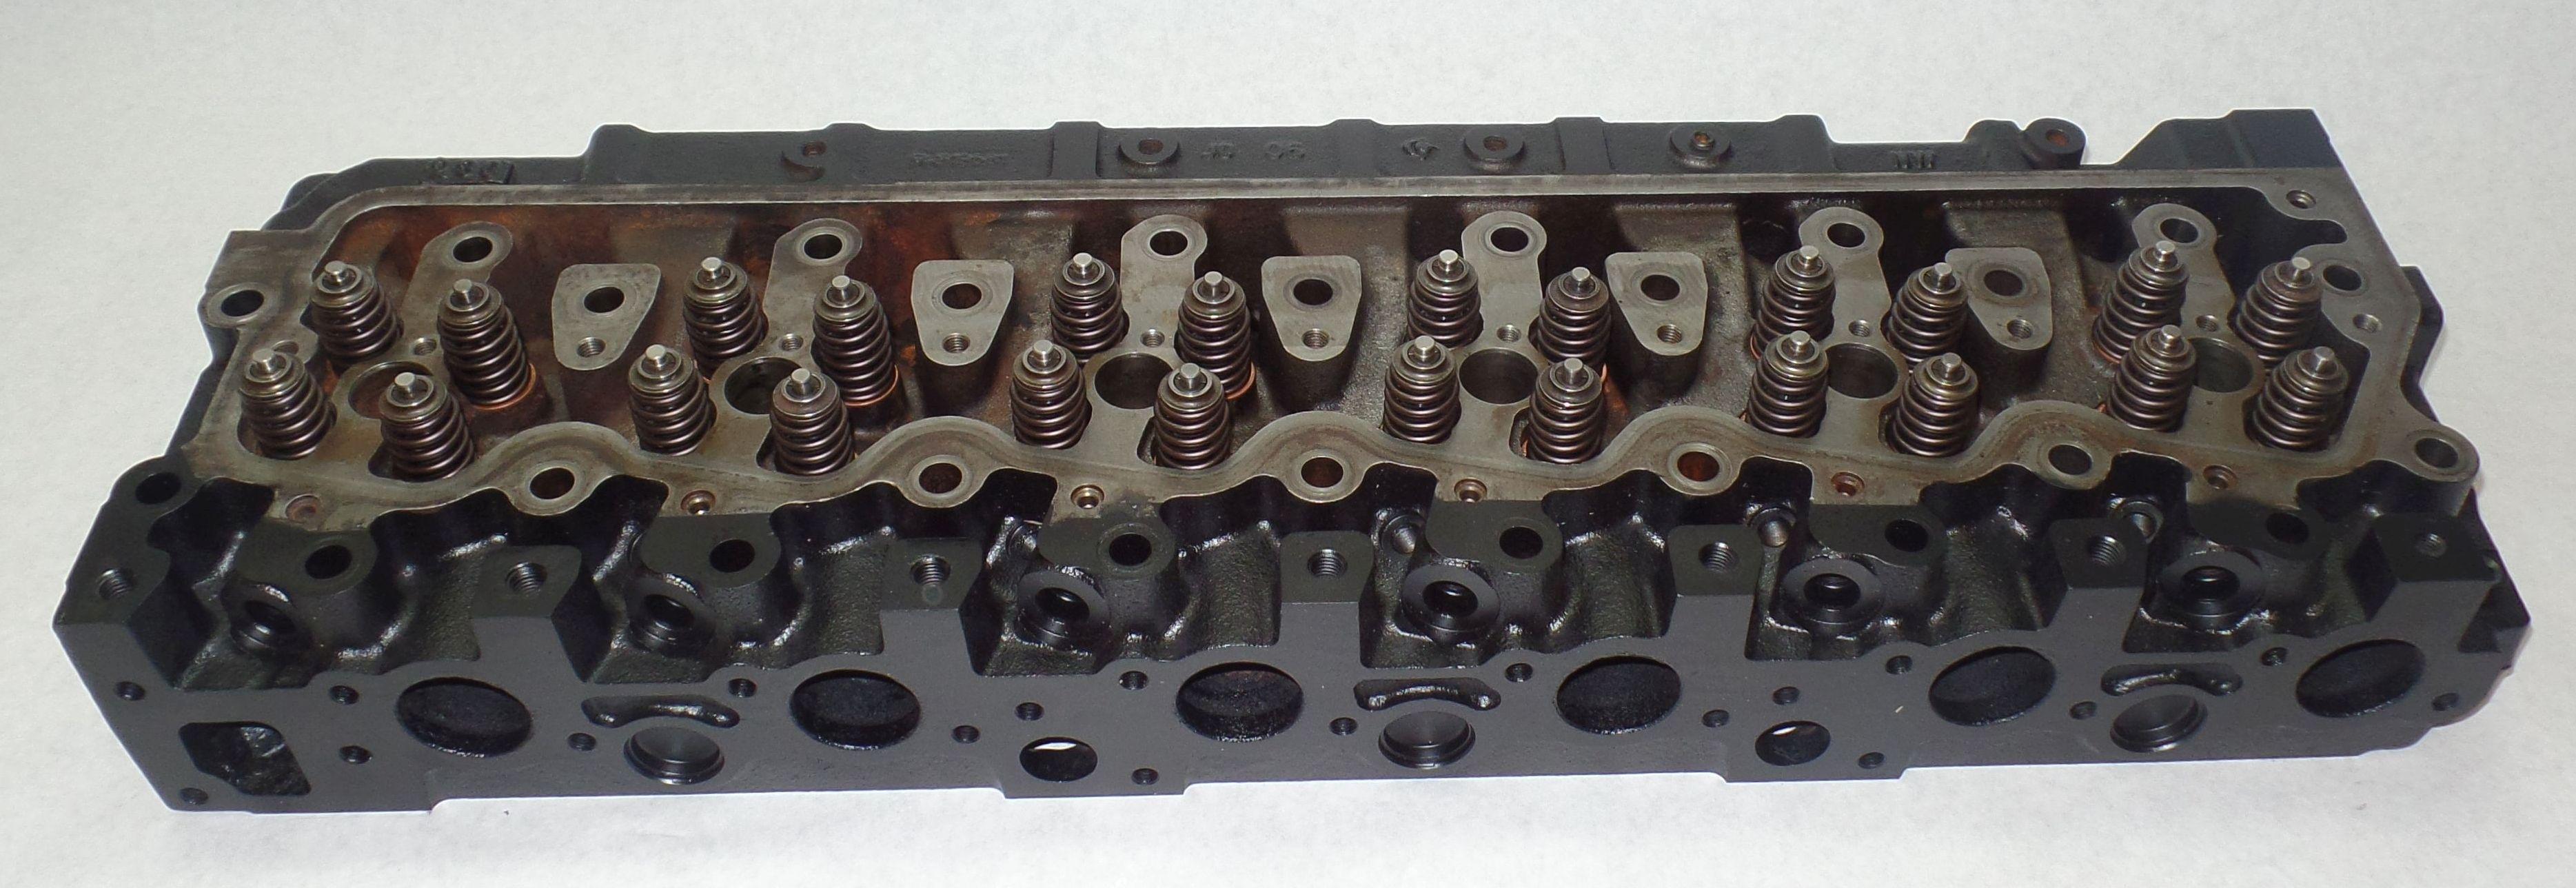 John Deere 4440 Cylinder Head : John deere jd powertech plus v cylinder head